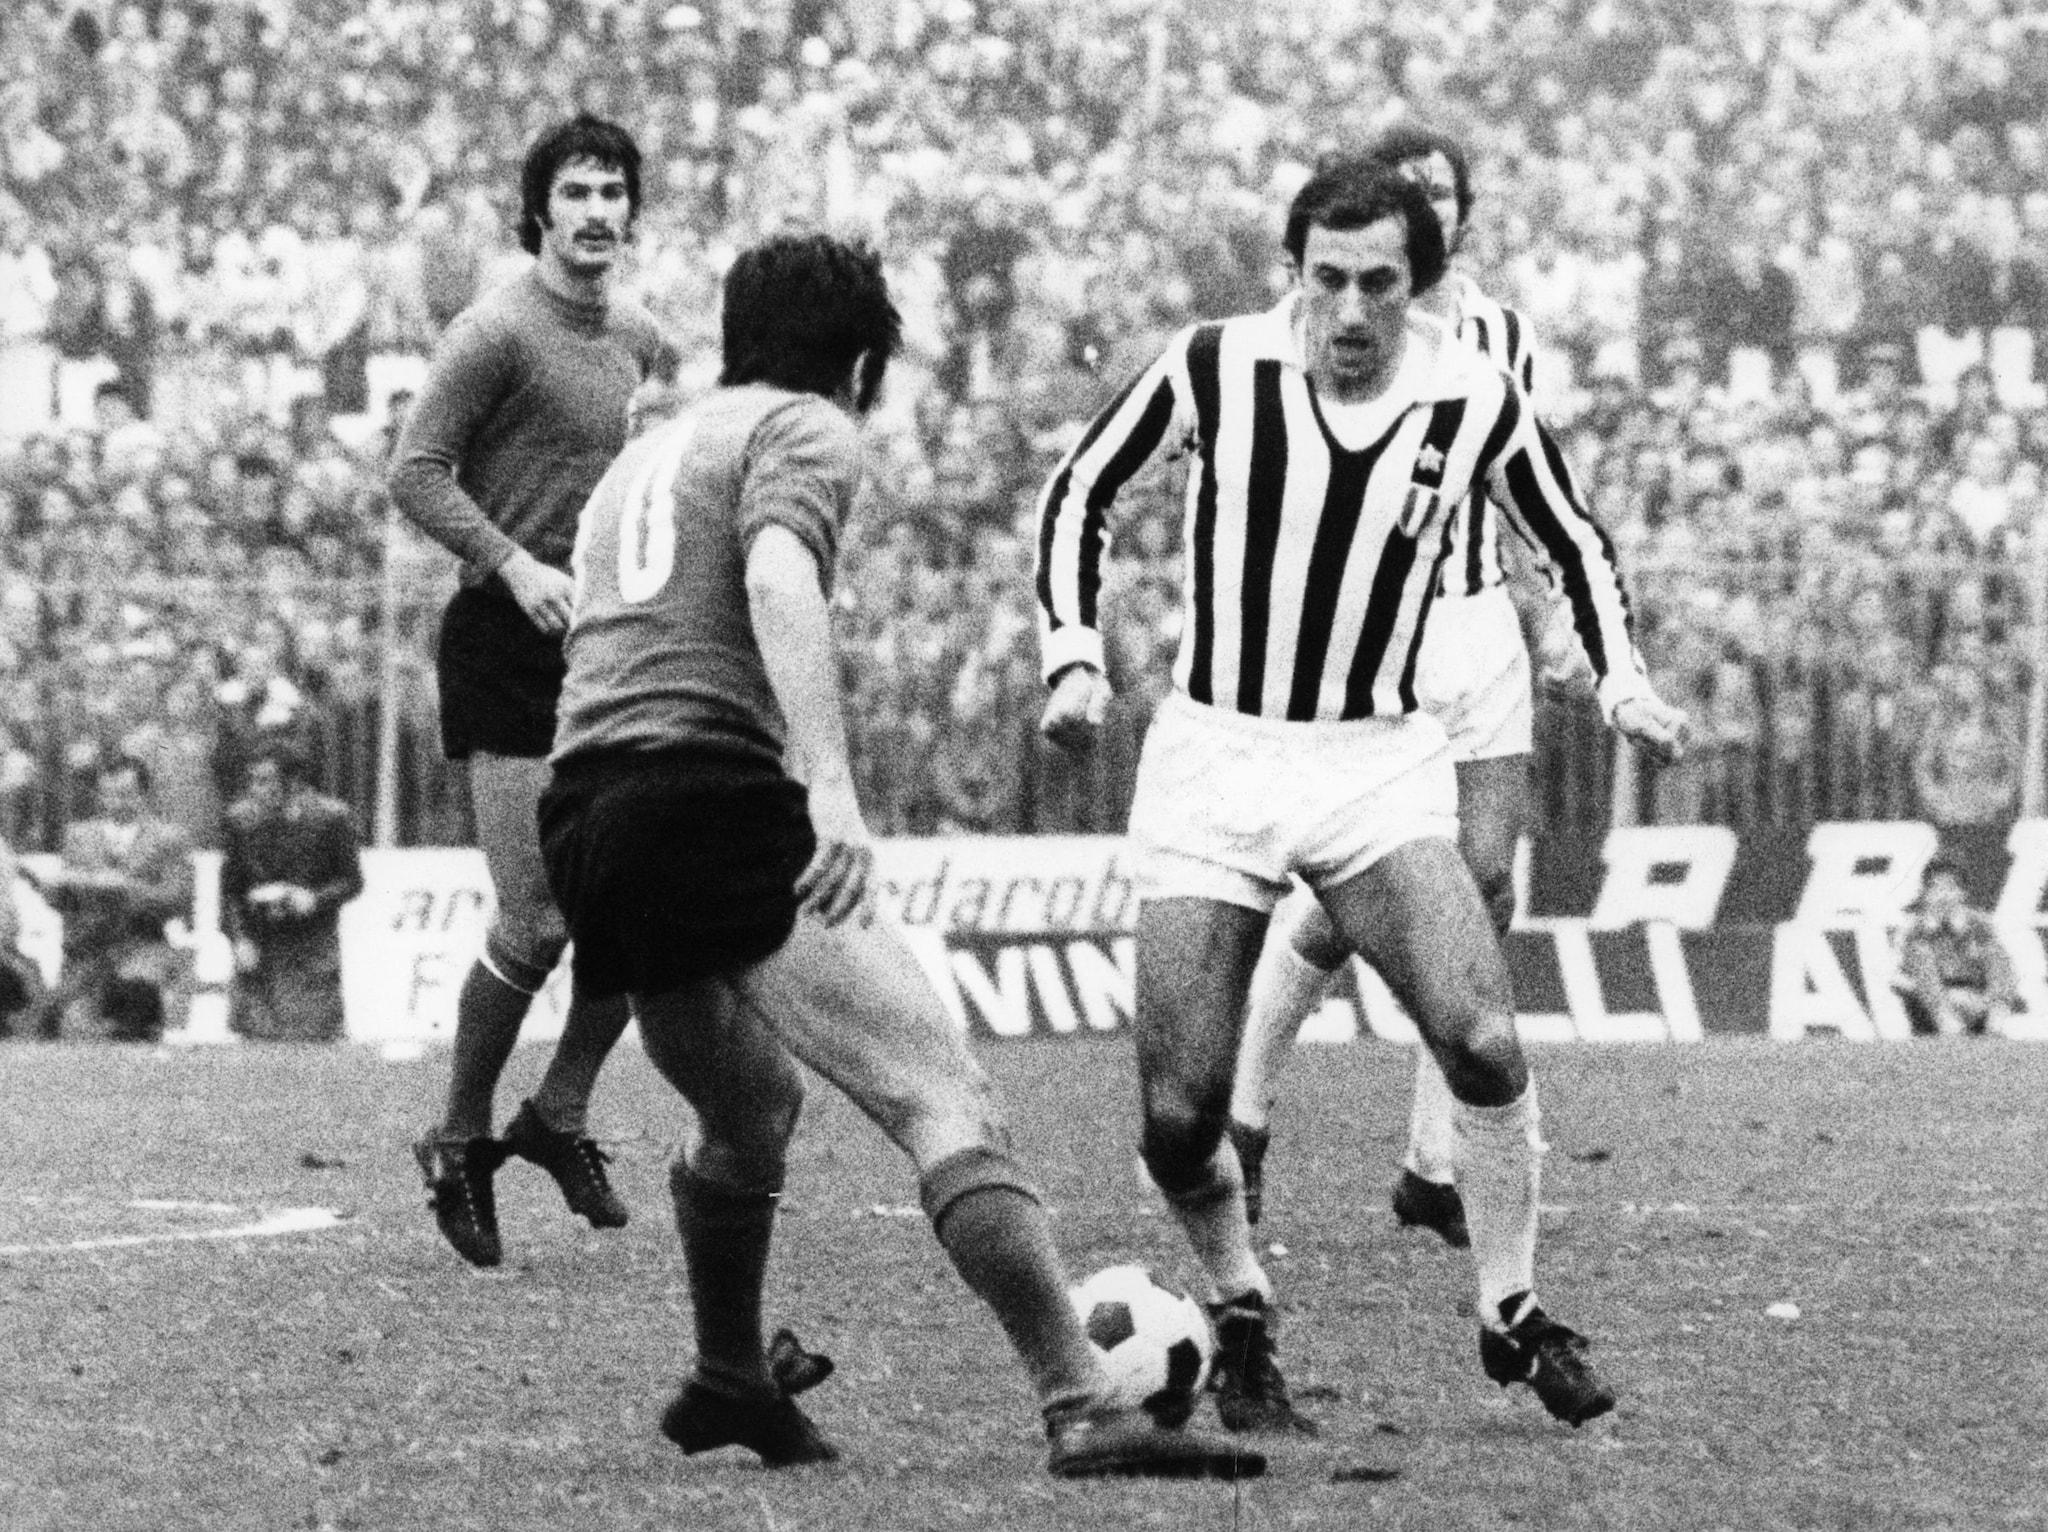 Giuseppe Furino con la maglia numero 4 della Juventus